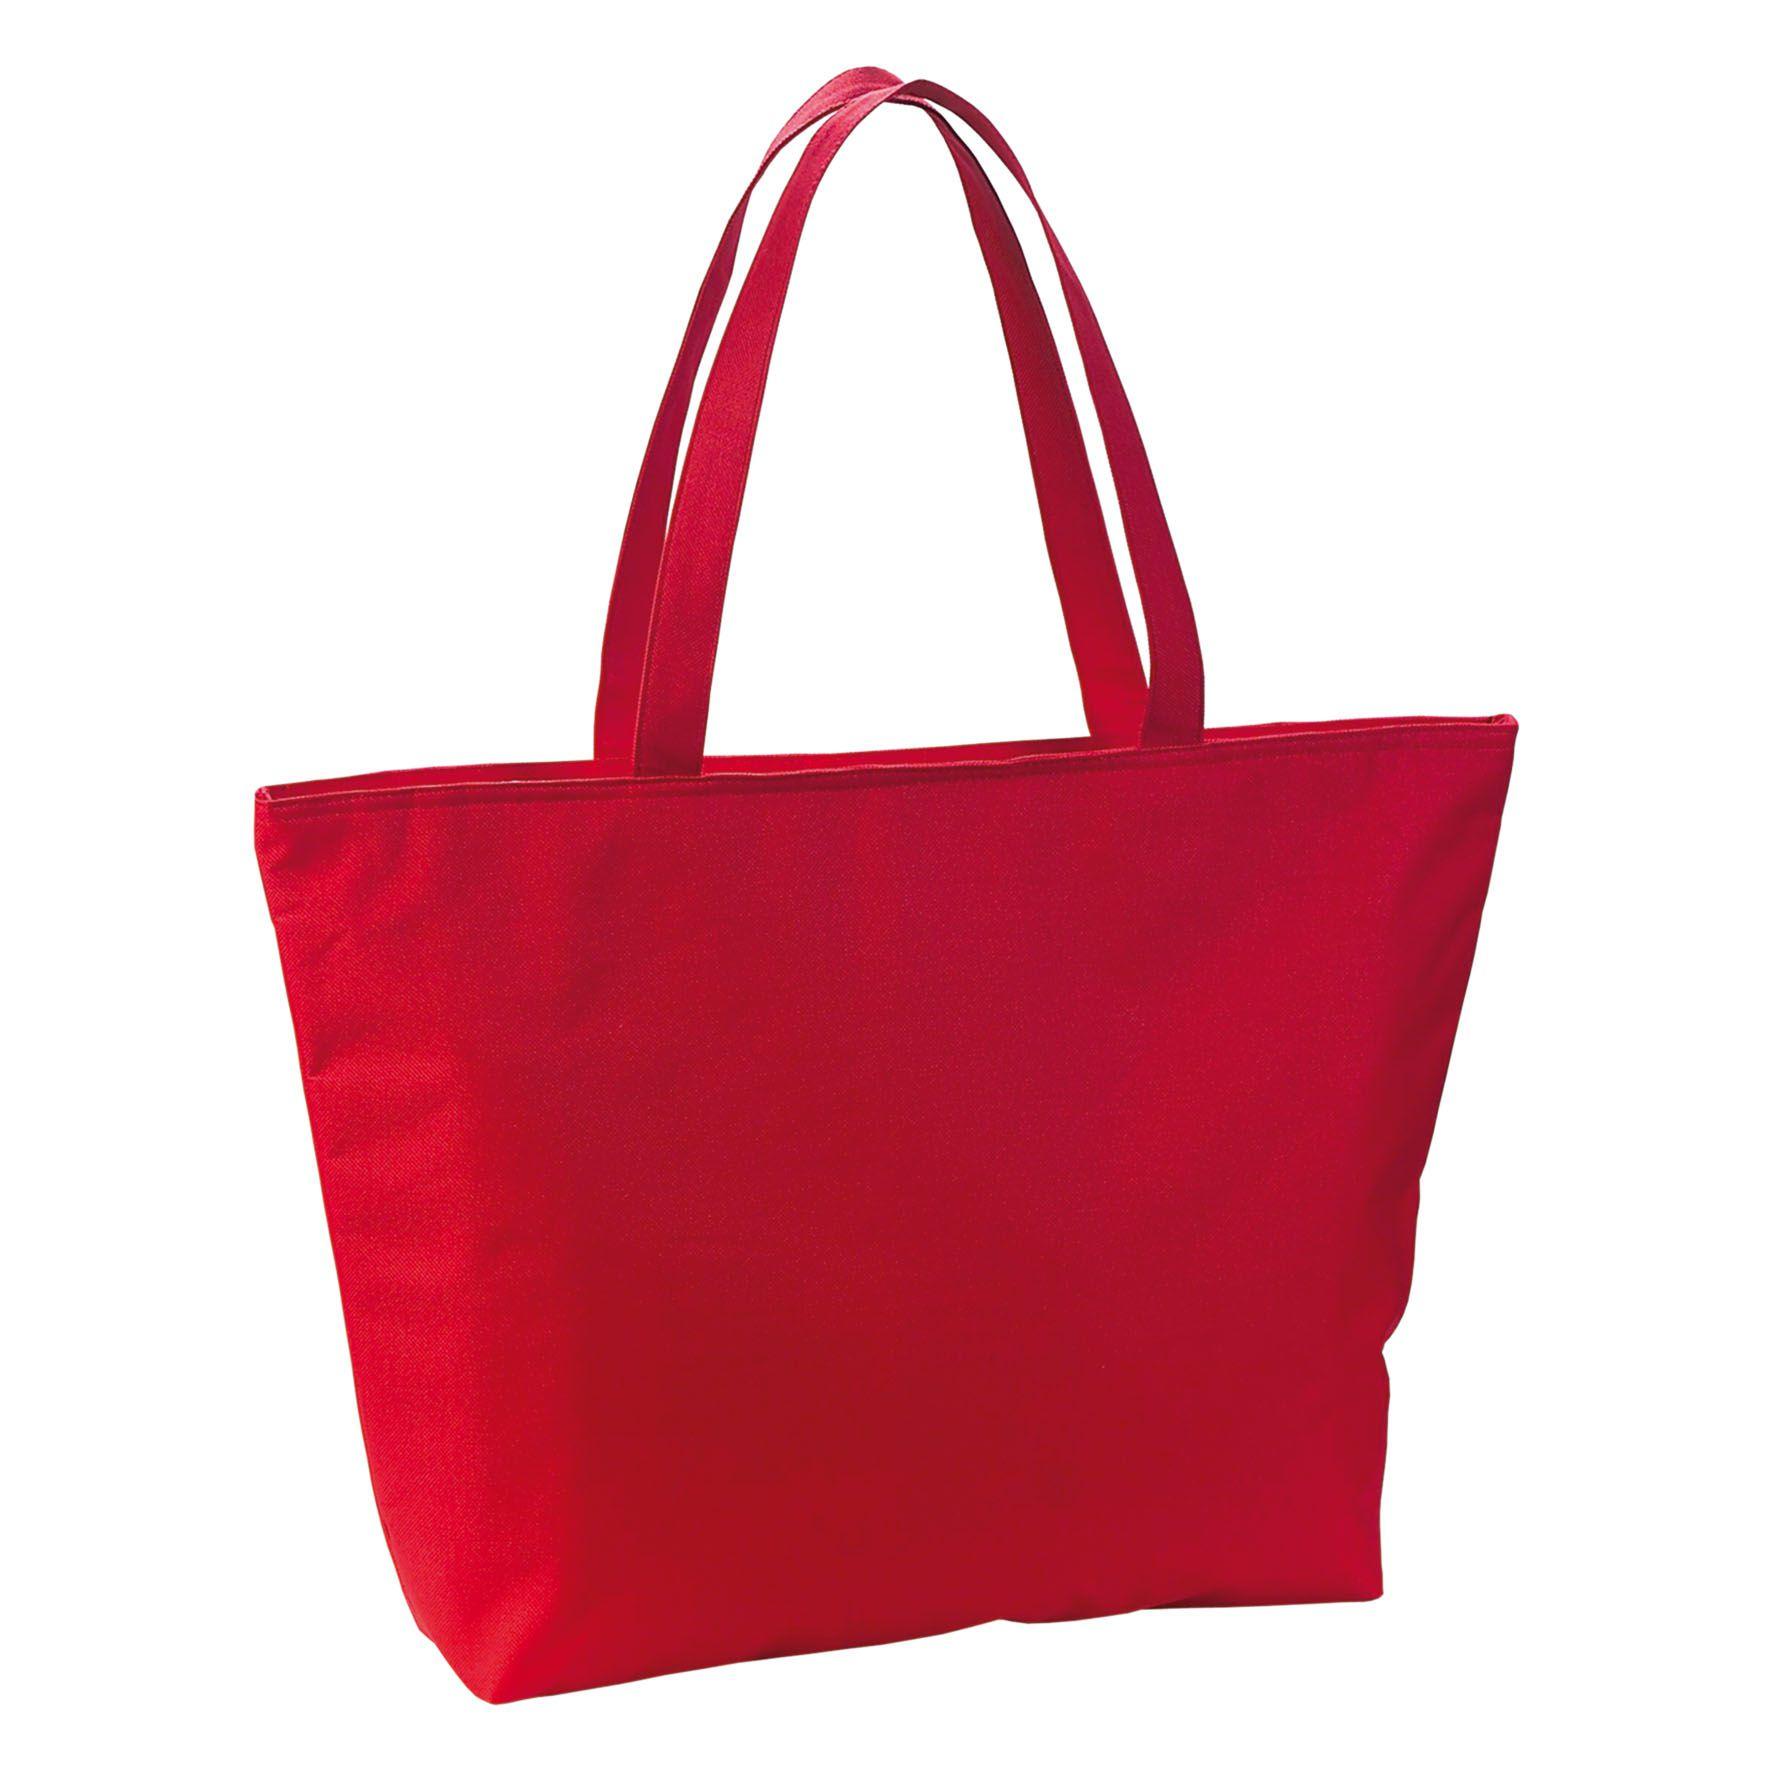 Cadeau d'entreprise - Sac publicitaire isotherme Icebag- rouge